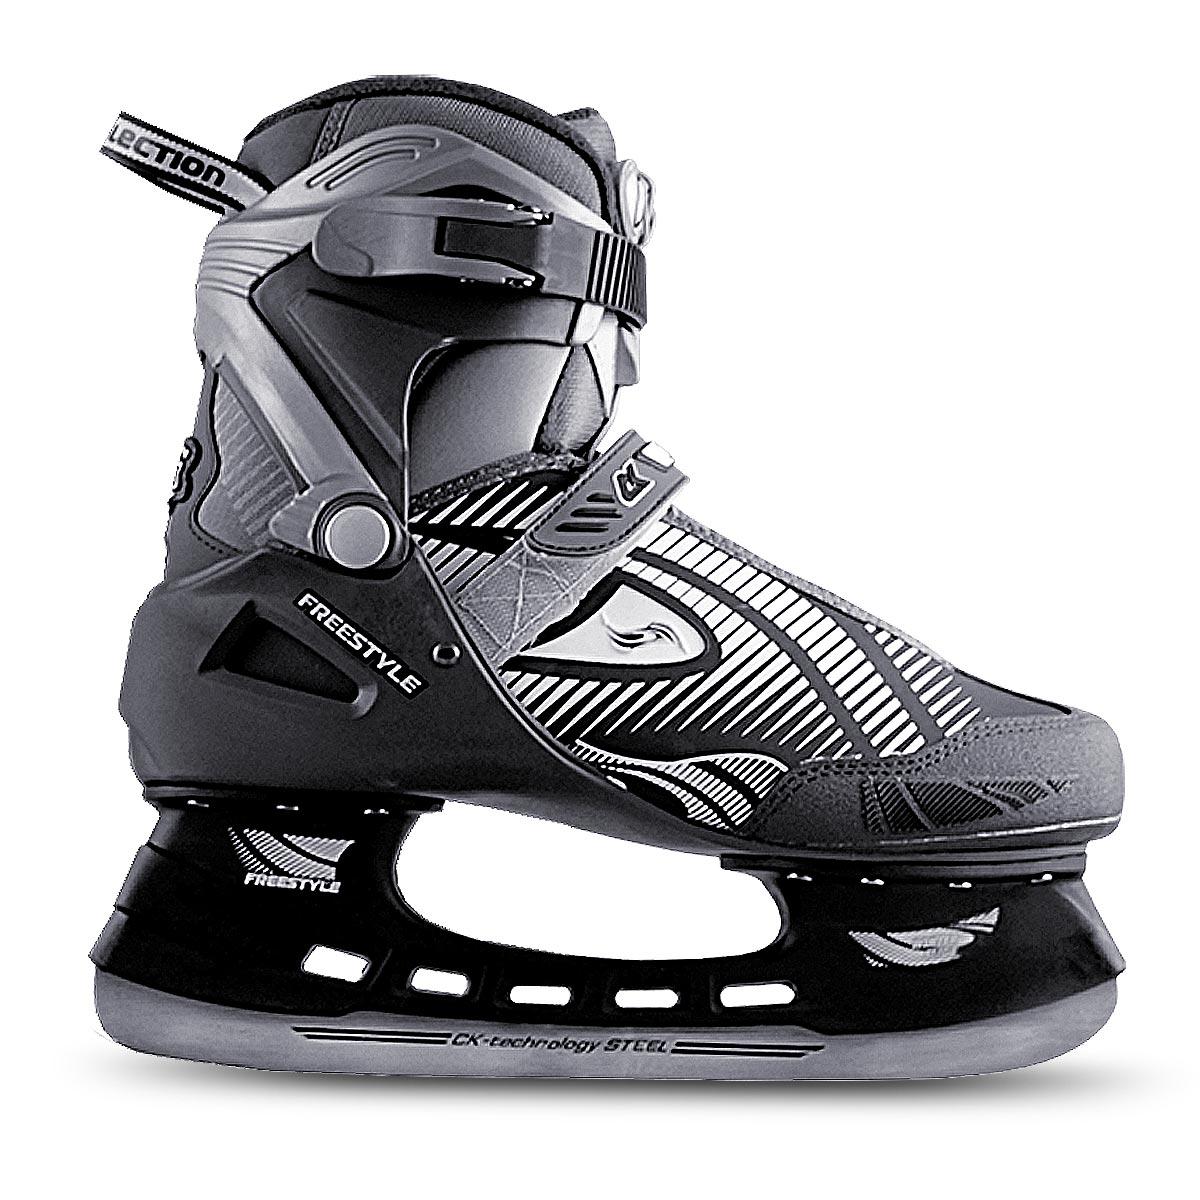 Коньки хоккейные мужские СК Freestyle, цвет: серый, черный. Размер 38FREESTYLE_серый, черный_38Оригинальные мужские коньки от CK Freestyle с ударопрочной защитной конструкцией прекрасно подойдут для начинающих игроков в хоккей. Сапожок, выполненный из комбинации ПВХ, морозостойкой искусственной кожи, нейлона и капровелюра, обеспечит тепло и комфорт во время катания. Внутренний слой изготовлен из фланелета, а стелька - из текстиля. Пластиковая бакля и шнуровка с фиксатором, а также хлястик на липучке надежно фиксируют голеностоп. Плотный мысок и усиленный задник оберегают ногу от ушибов. Фигурное лезвие изготовлено из углеродистой нержавеющей стали со специальным покрытием, придающим дополнительную прочность. Изделие по верху декорировано оригинальным принтом и тиснением в виде логотипа бренда. Задняя часть коньков дополнена широким ярлычком для более удобного надевания обуви. Стильные коньки придутся вам по душе.